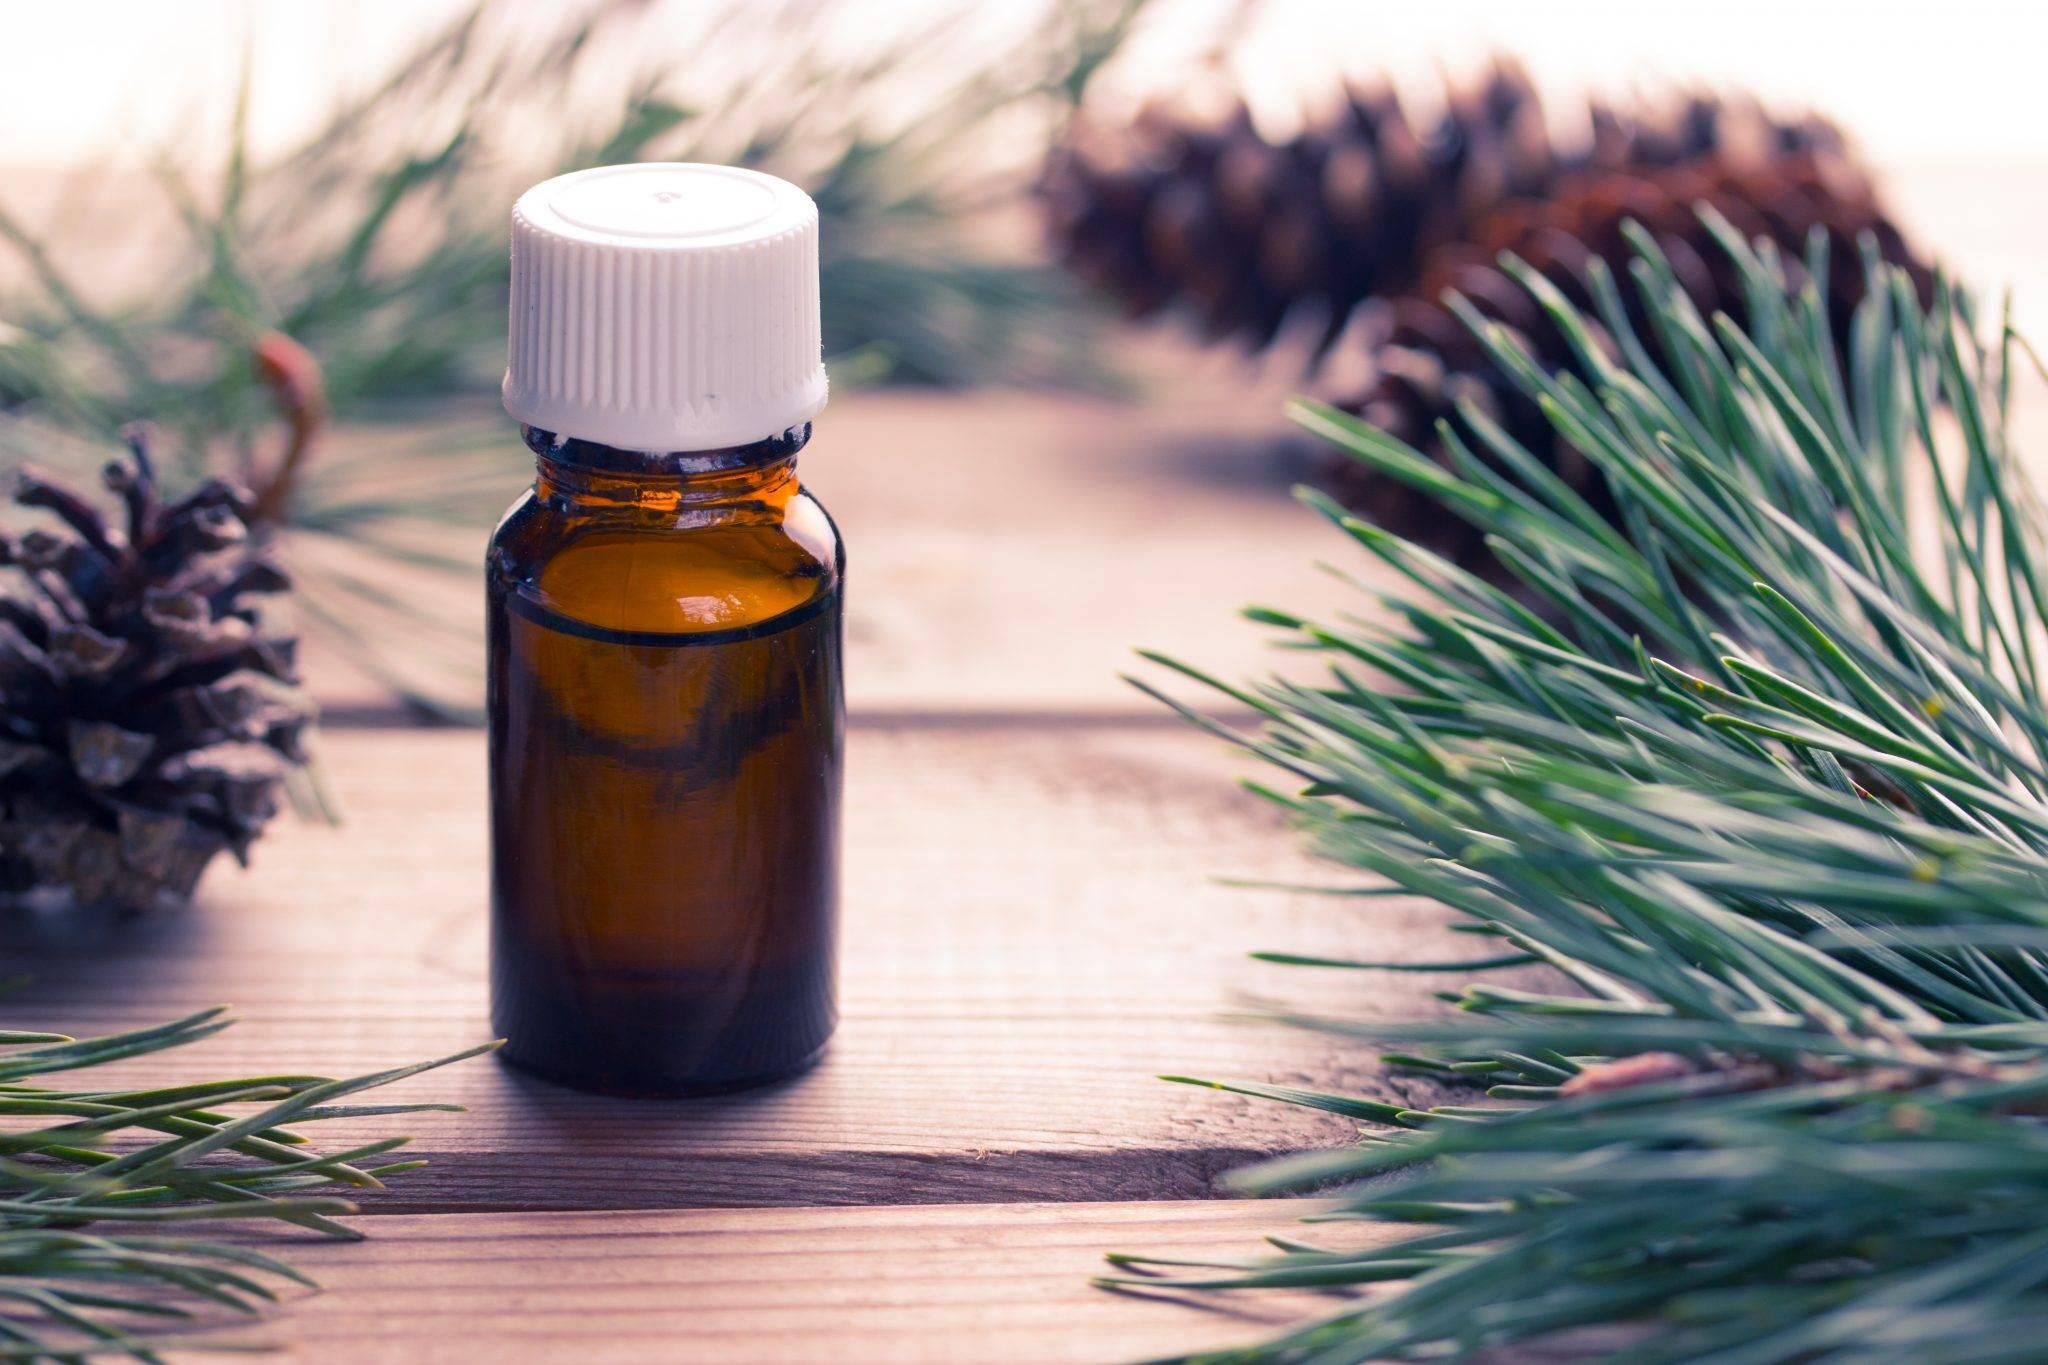 Пихтовое масло: целебное средство для души и тела из хвойного леса